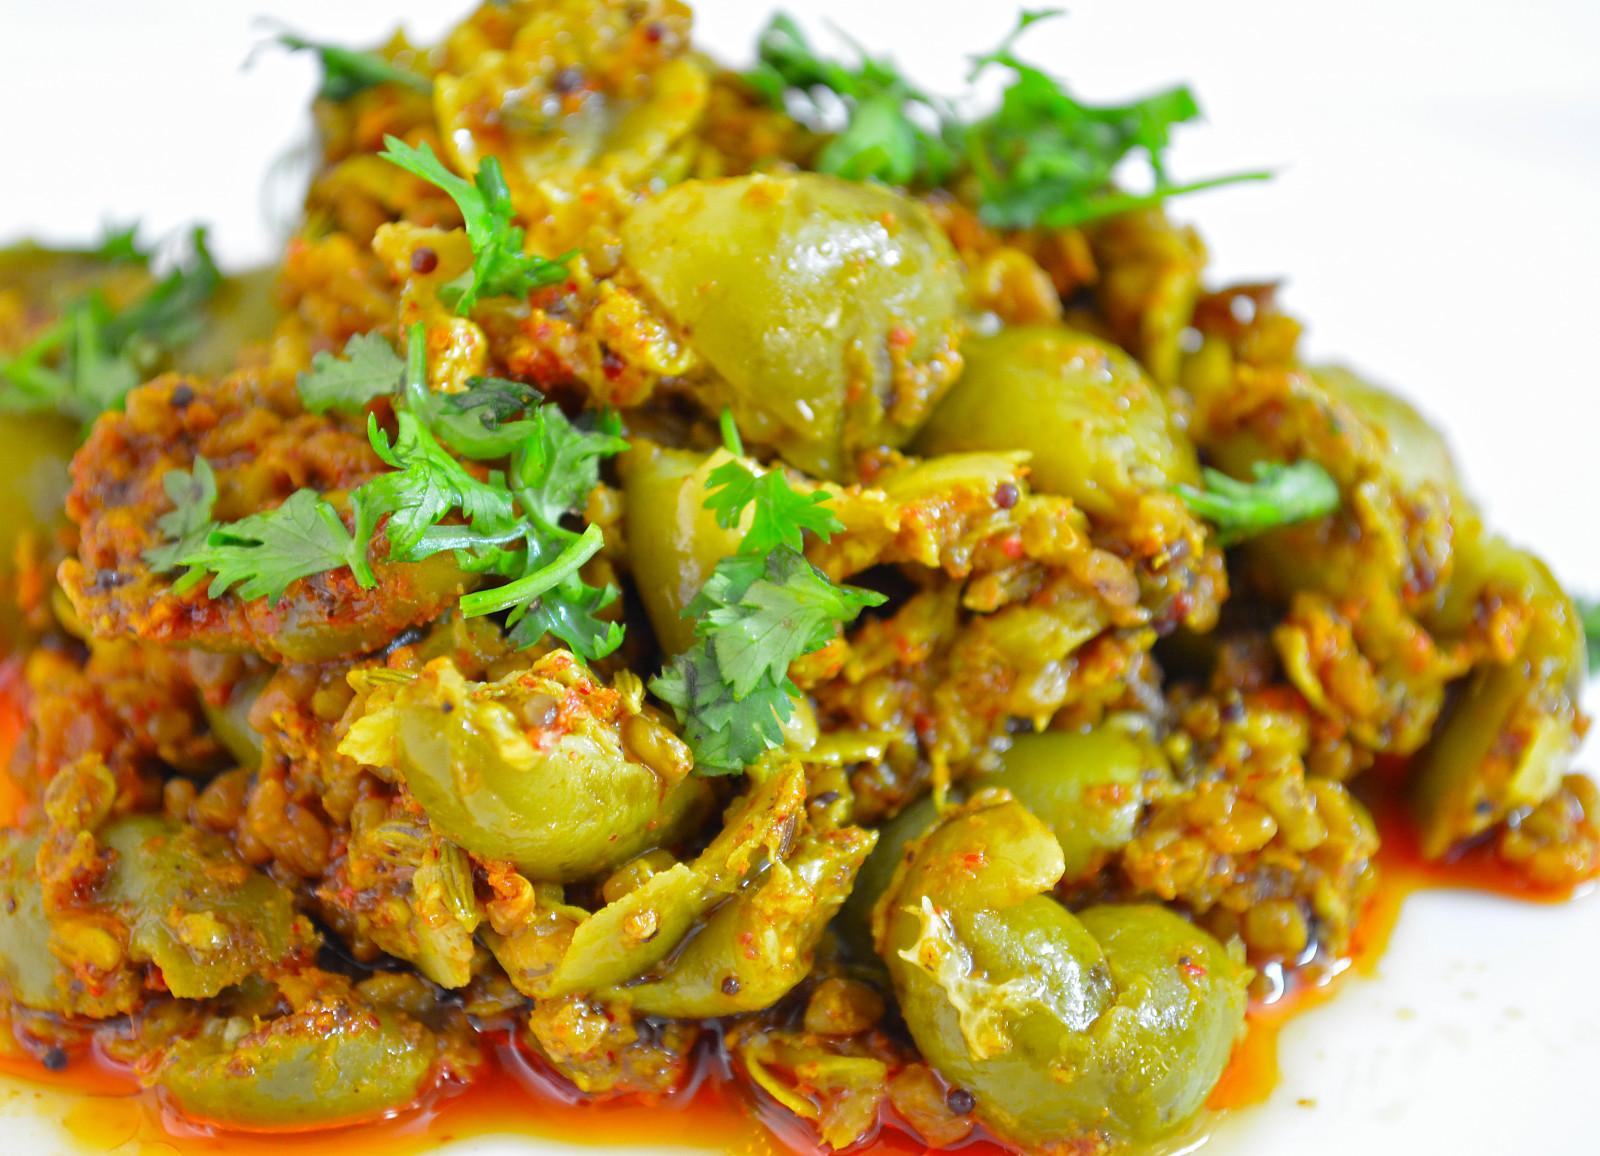 Rajasthani gunde ki sabzi recipe bird lime stir fry by archanas rajasthani gunde ki sabzi recipe bird lime stir fry forumfinder Choice Image